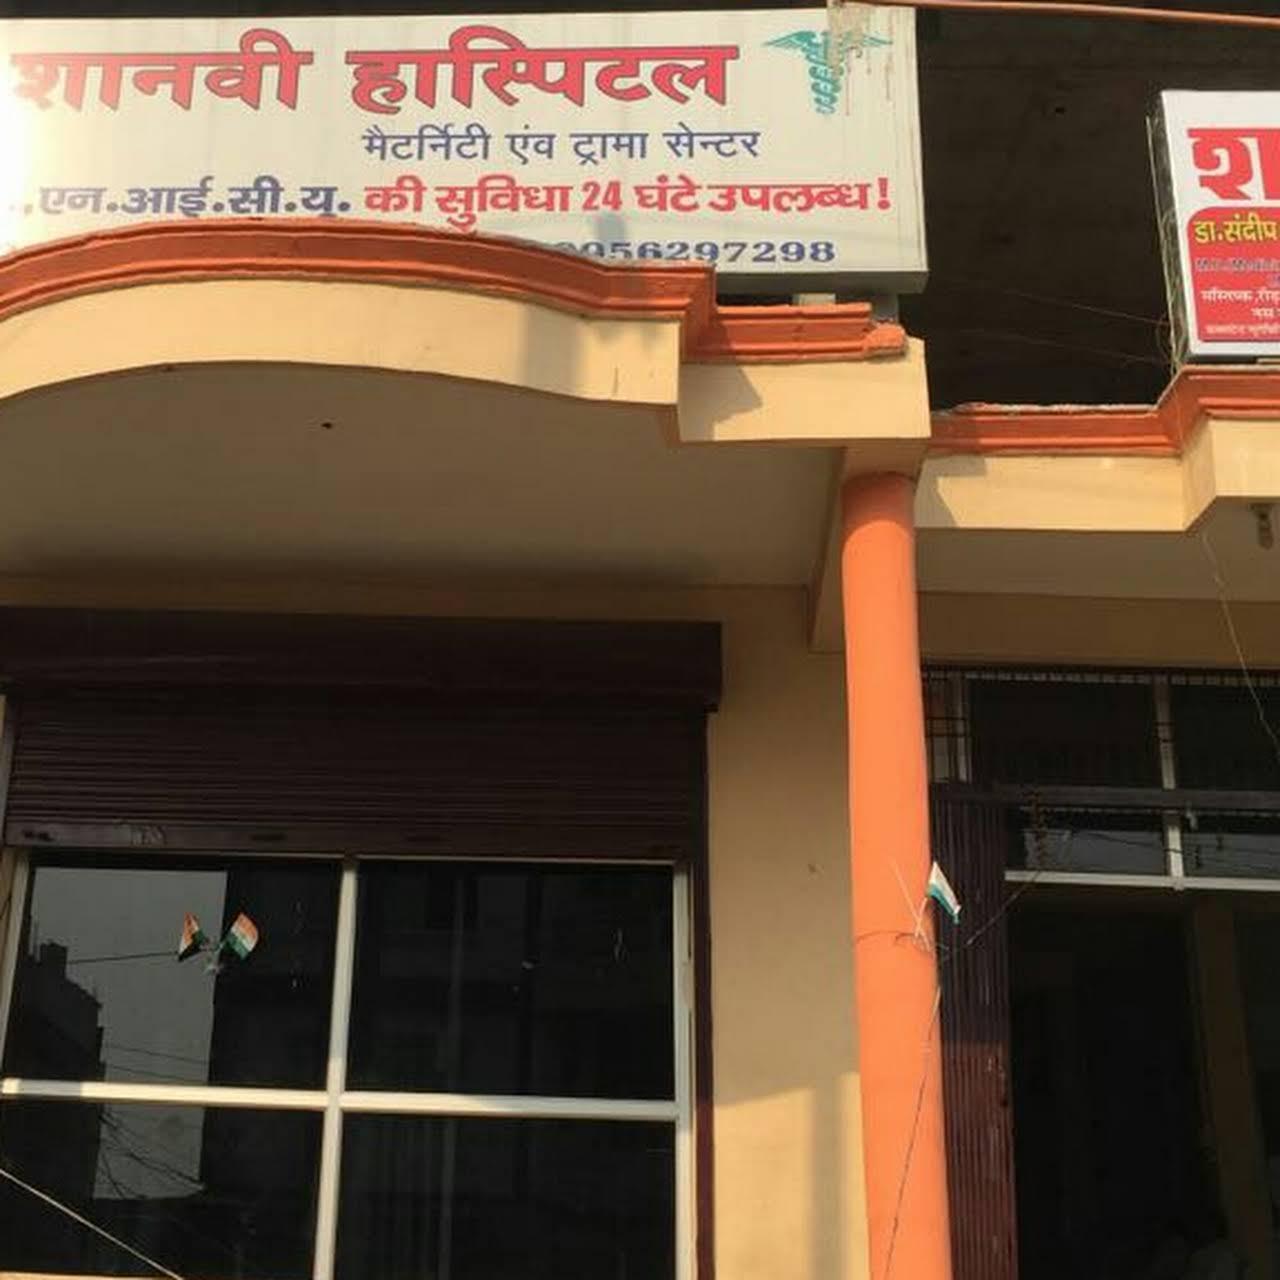 सान्वी अस्पताल के स्टॉफ ने ड्राइवर को पीटा, नाराज ठेकेदार ने हवाई फायरिंग कर मचाई दहशत, पुलिस बोली- लाइसेंस रद्द होगा गोरखपुर,Gorakhpur - Dainik Bhaskar